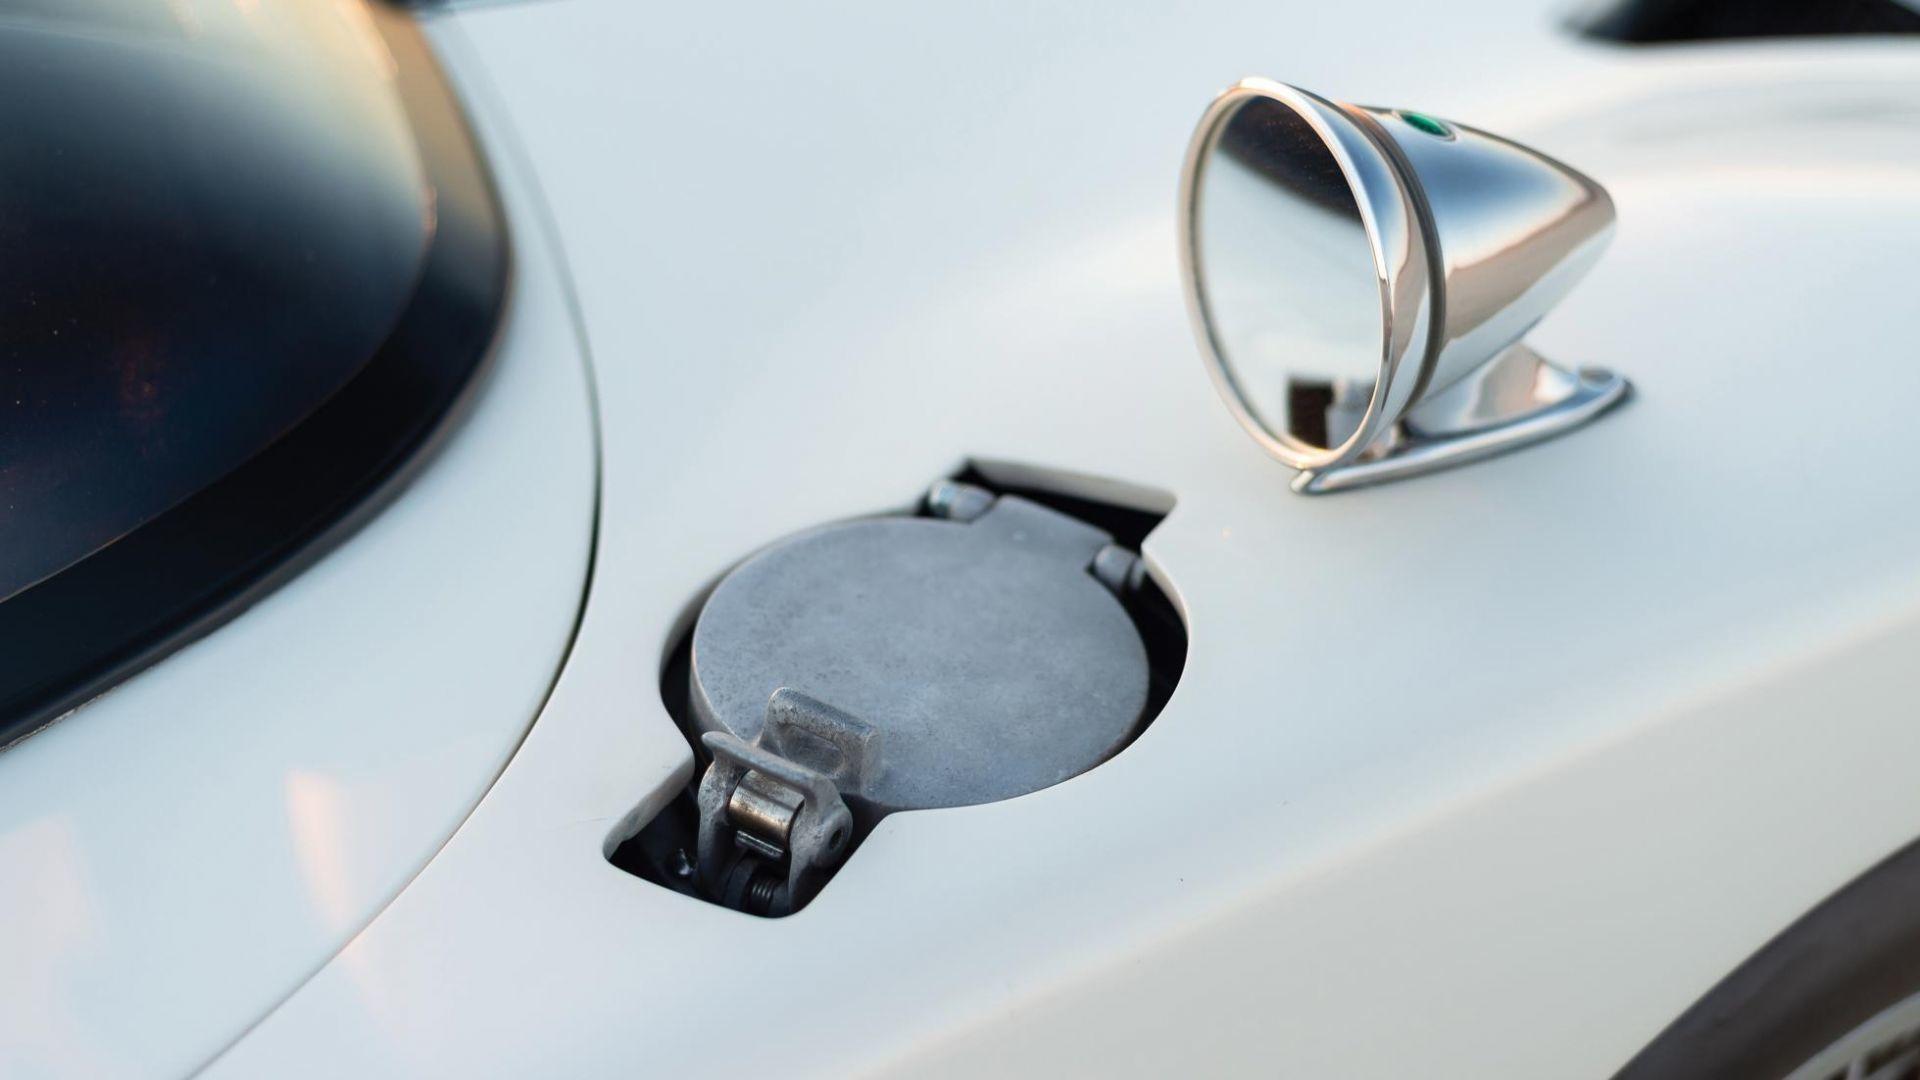 Nhà đấu giá cho biết, nó là chiếc Roadster duy nhất đã trải qua nhiều thập kỷ mà vẫn giữ nguyên hình dáng ban đầu, ngoại trừ những phần cần được phục hồi